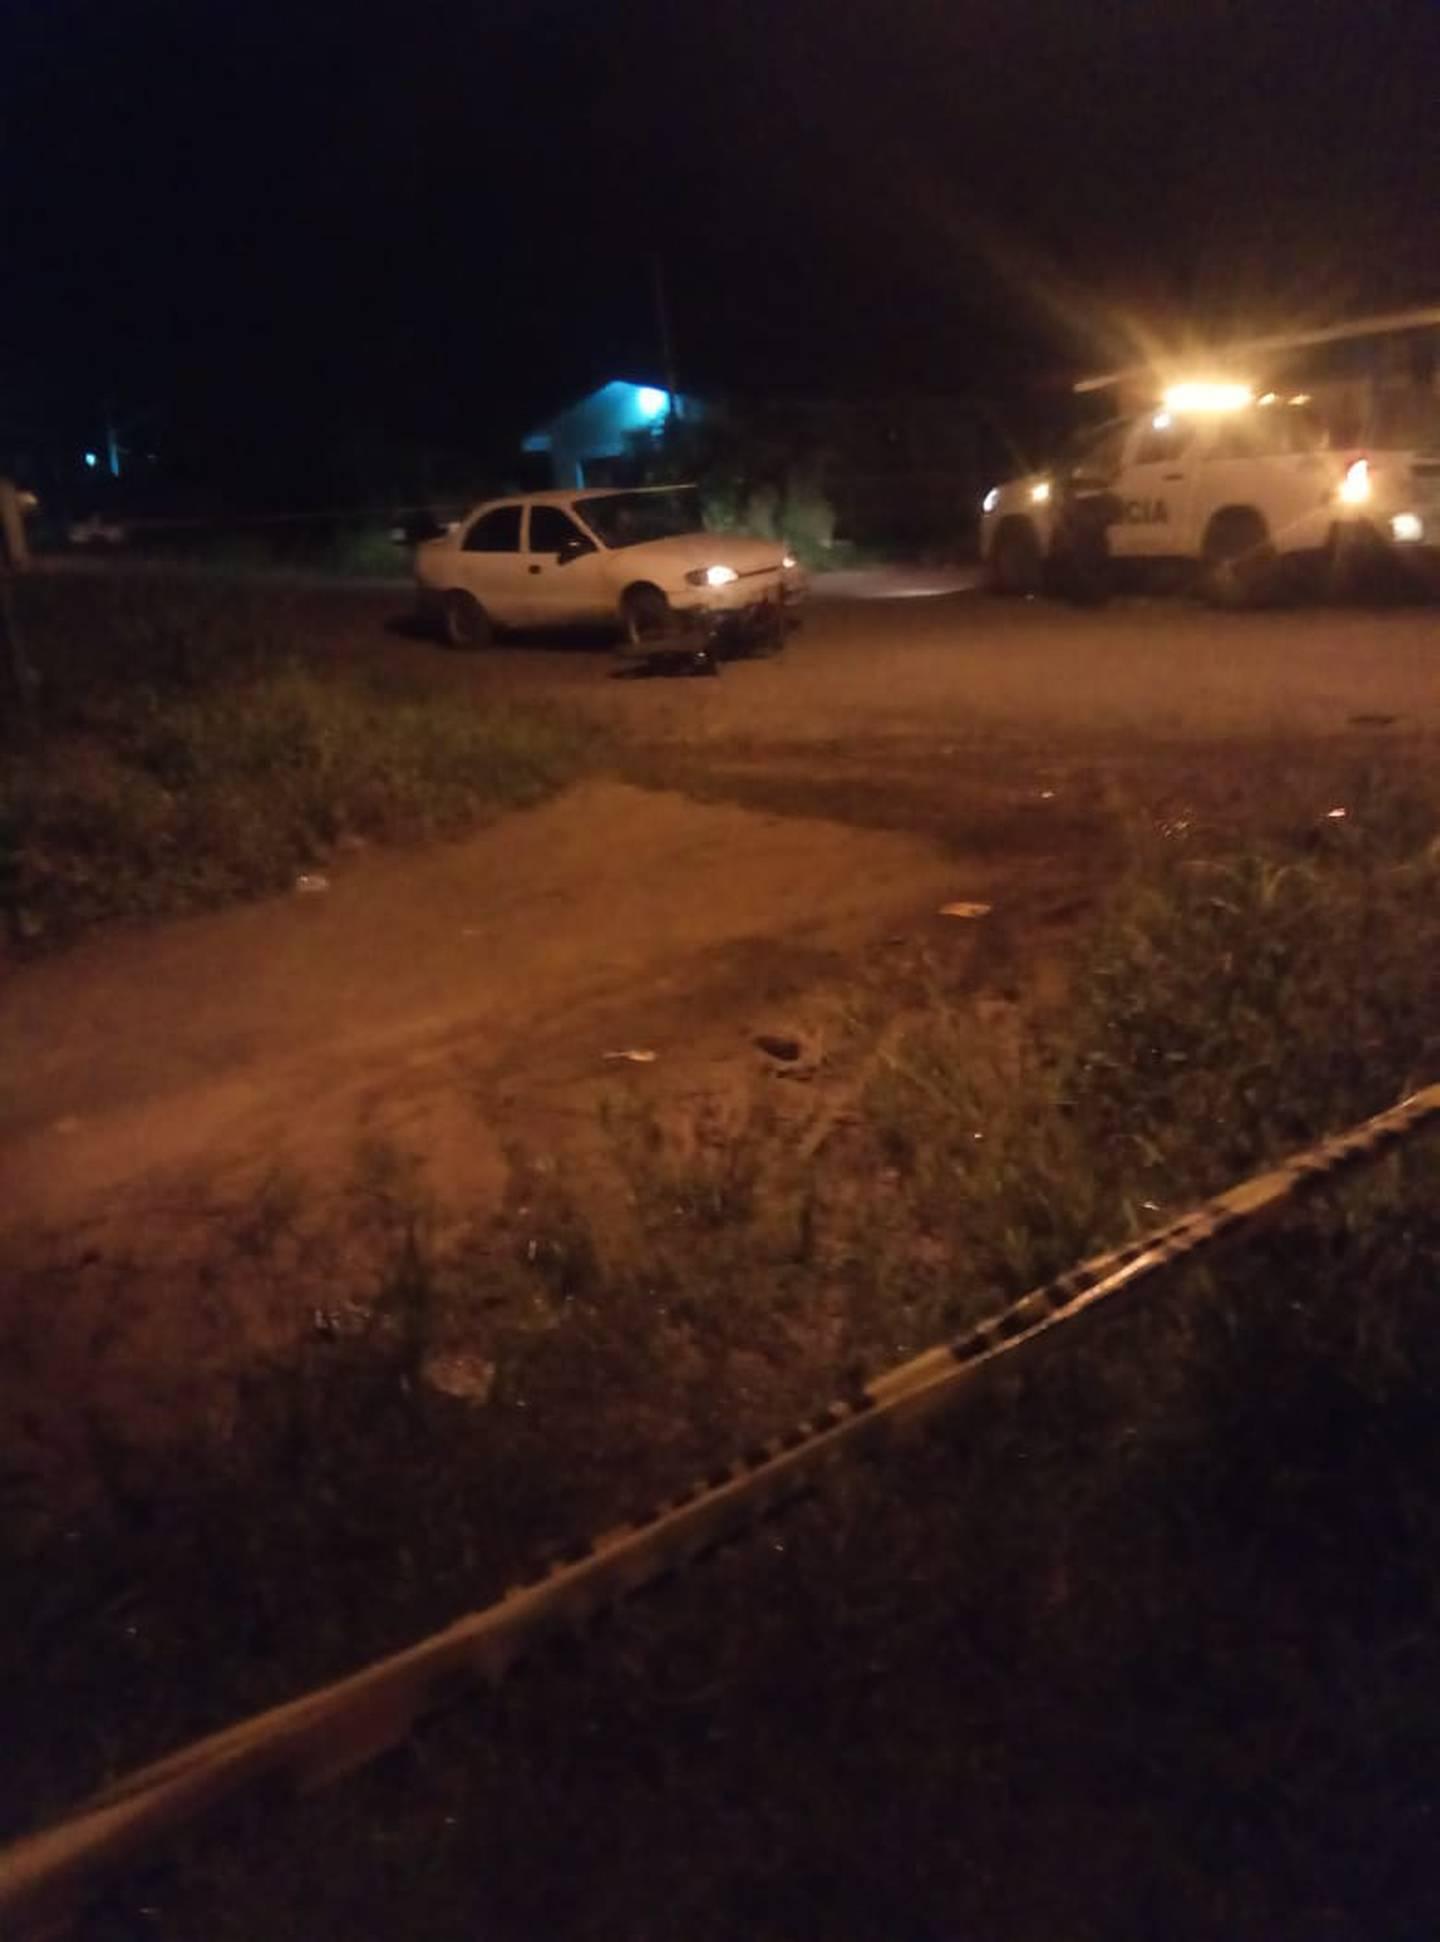 El sospechoso iba en fuga en el automóvil blanco cuando chocó contra una moto, por lo que fue detenido por la Fuerza Pública. Foto: Edgar Chinchilla.